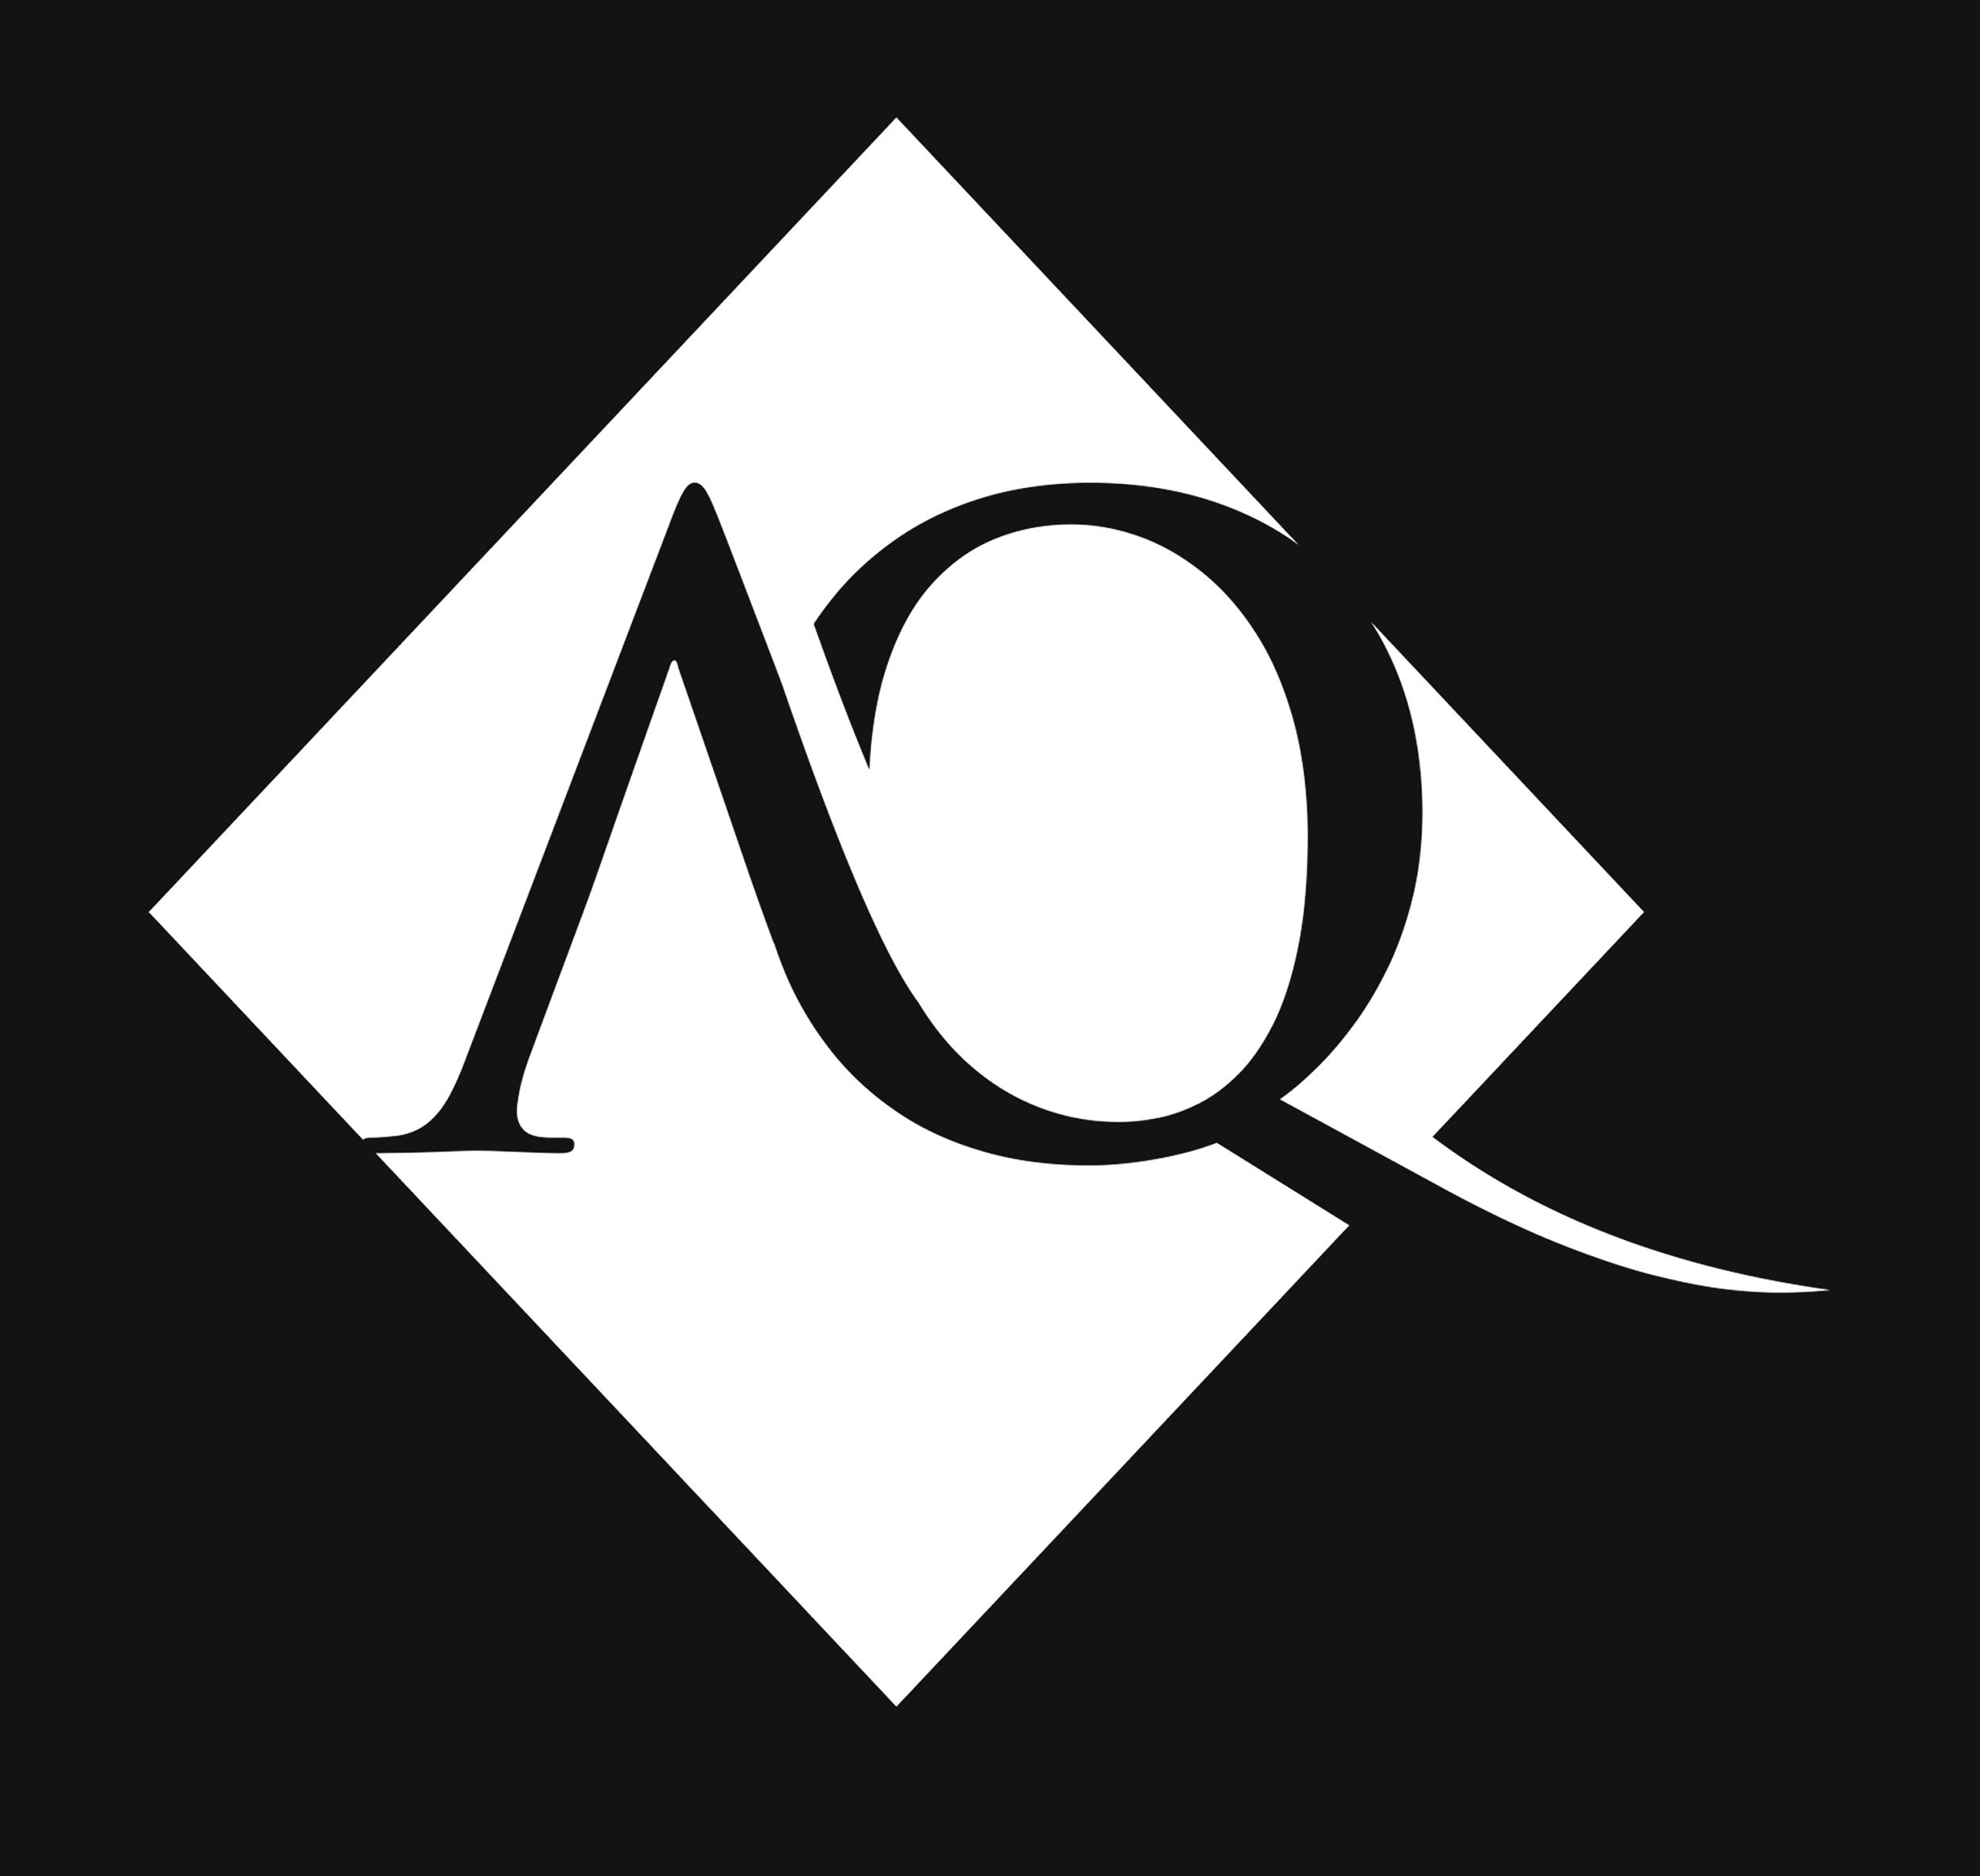 acqua-blue-services-icon-white